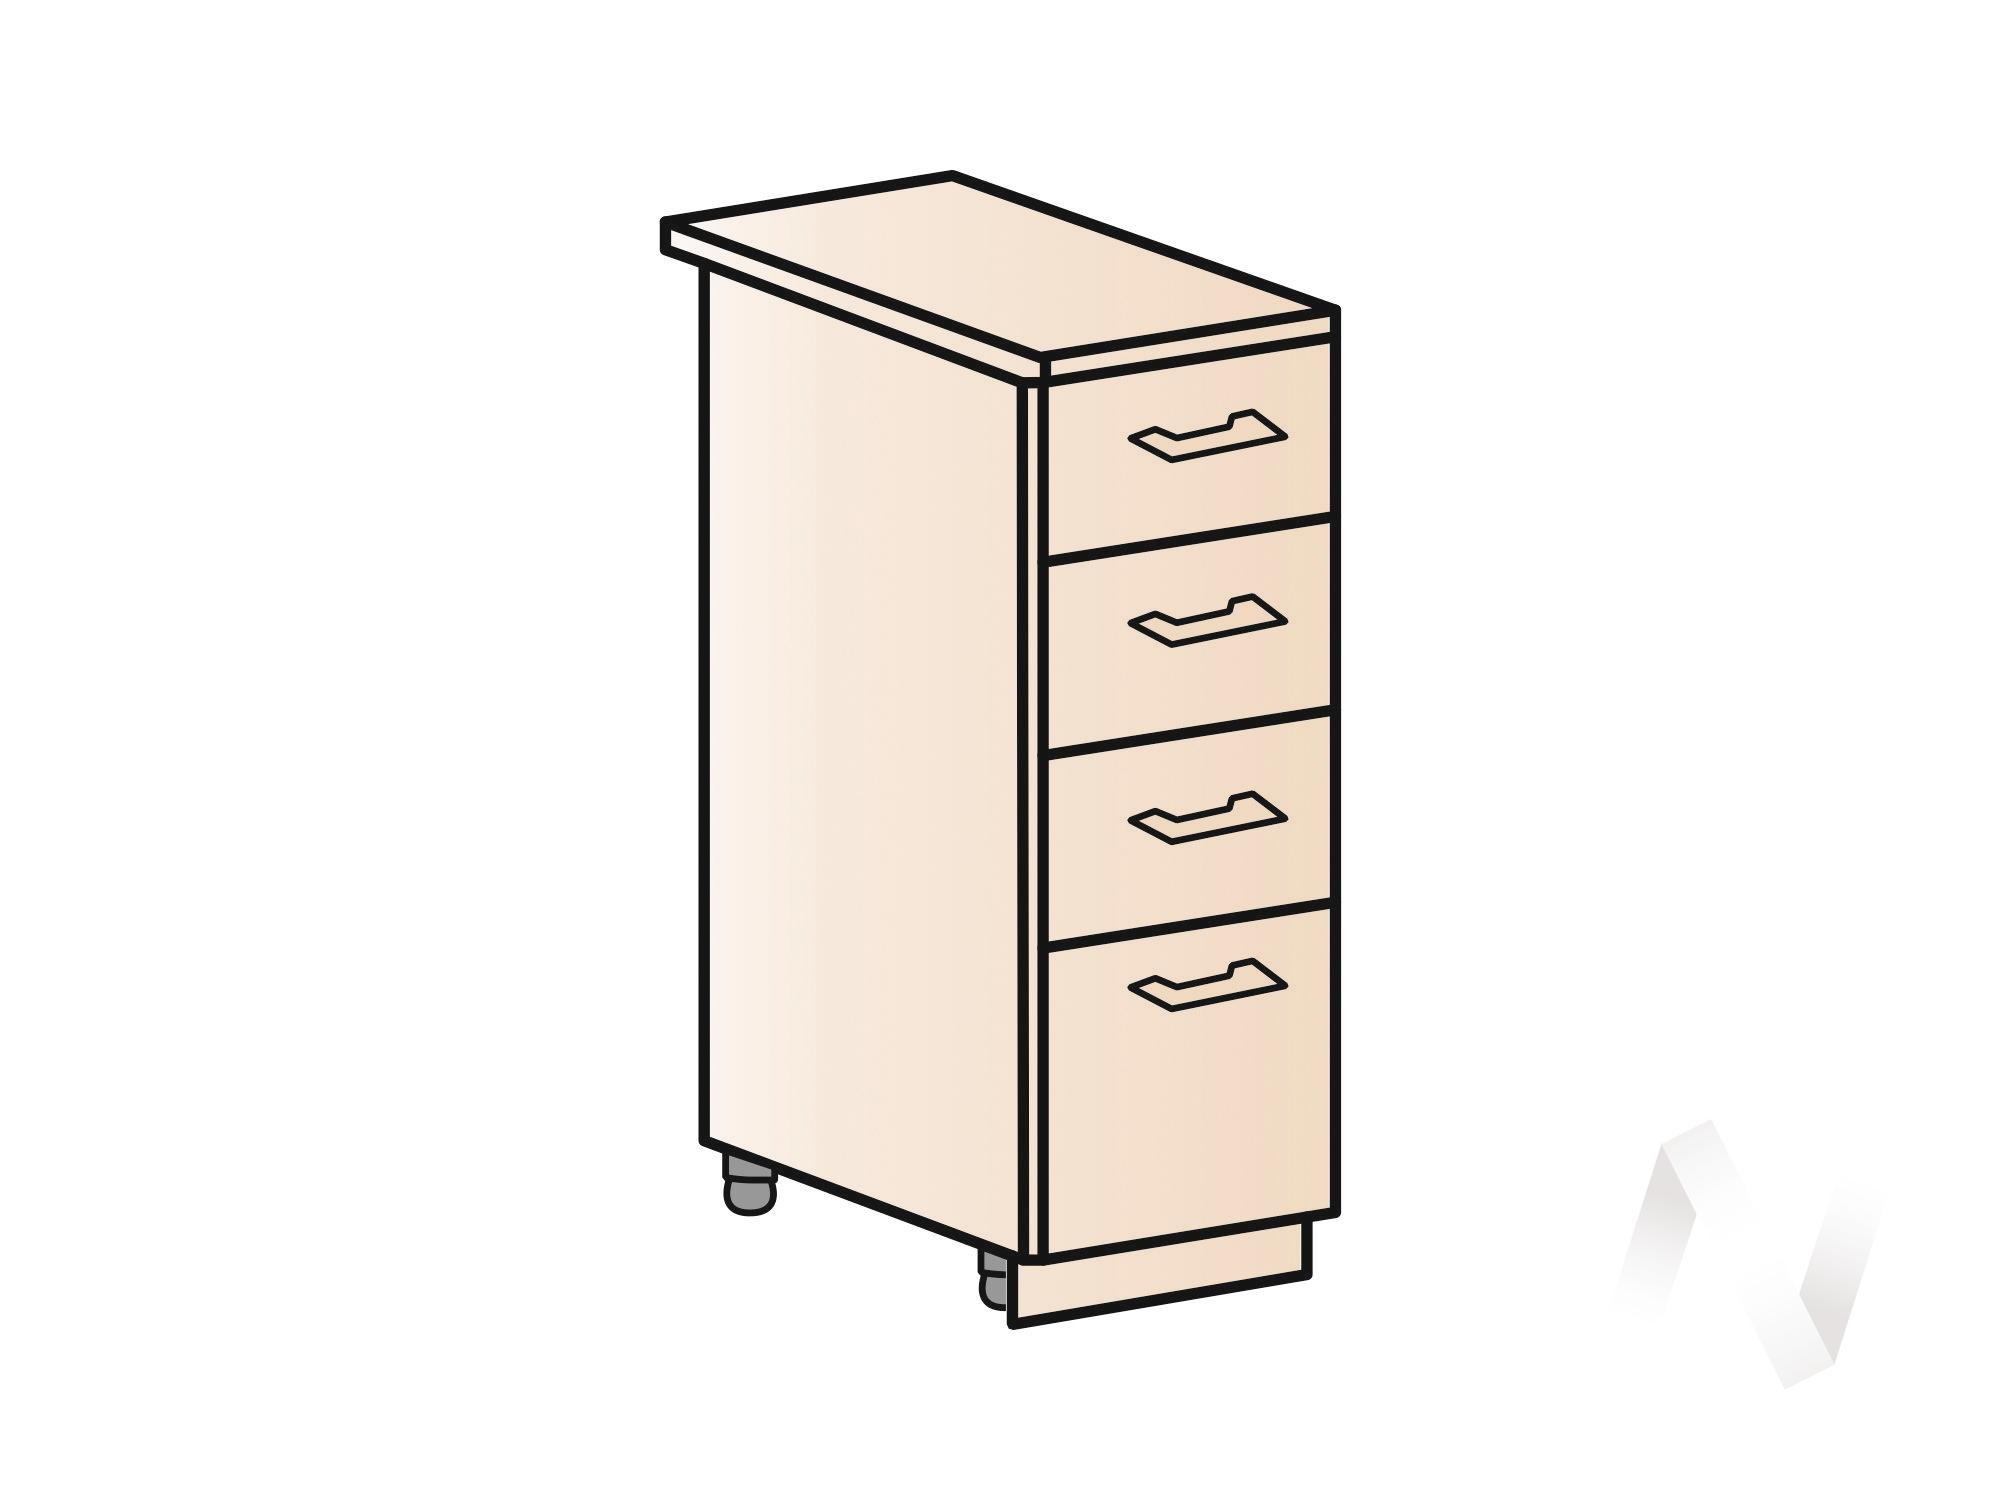 """Кухня """"Вена"""": Шкаф нижний с 4-мя ящиками 300, ШН4Я 300 (корпус белый) в Новосибирске в интернет-магазине мебели kuhnya54.ru"""